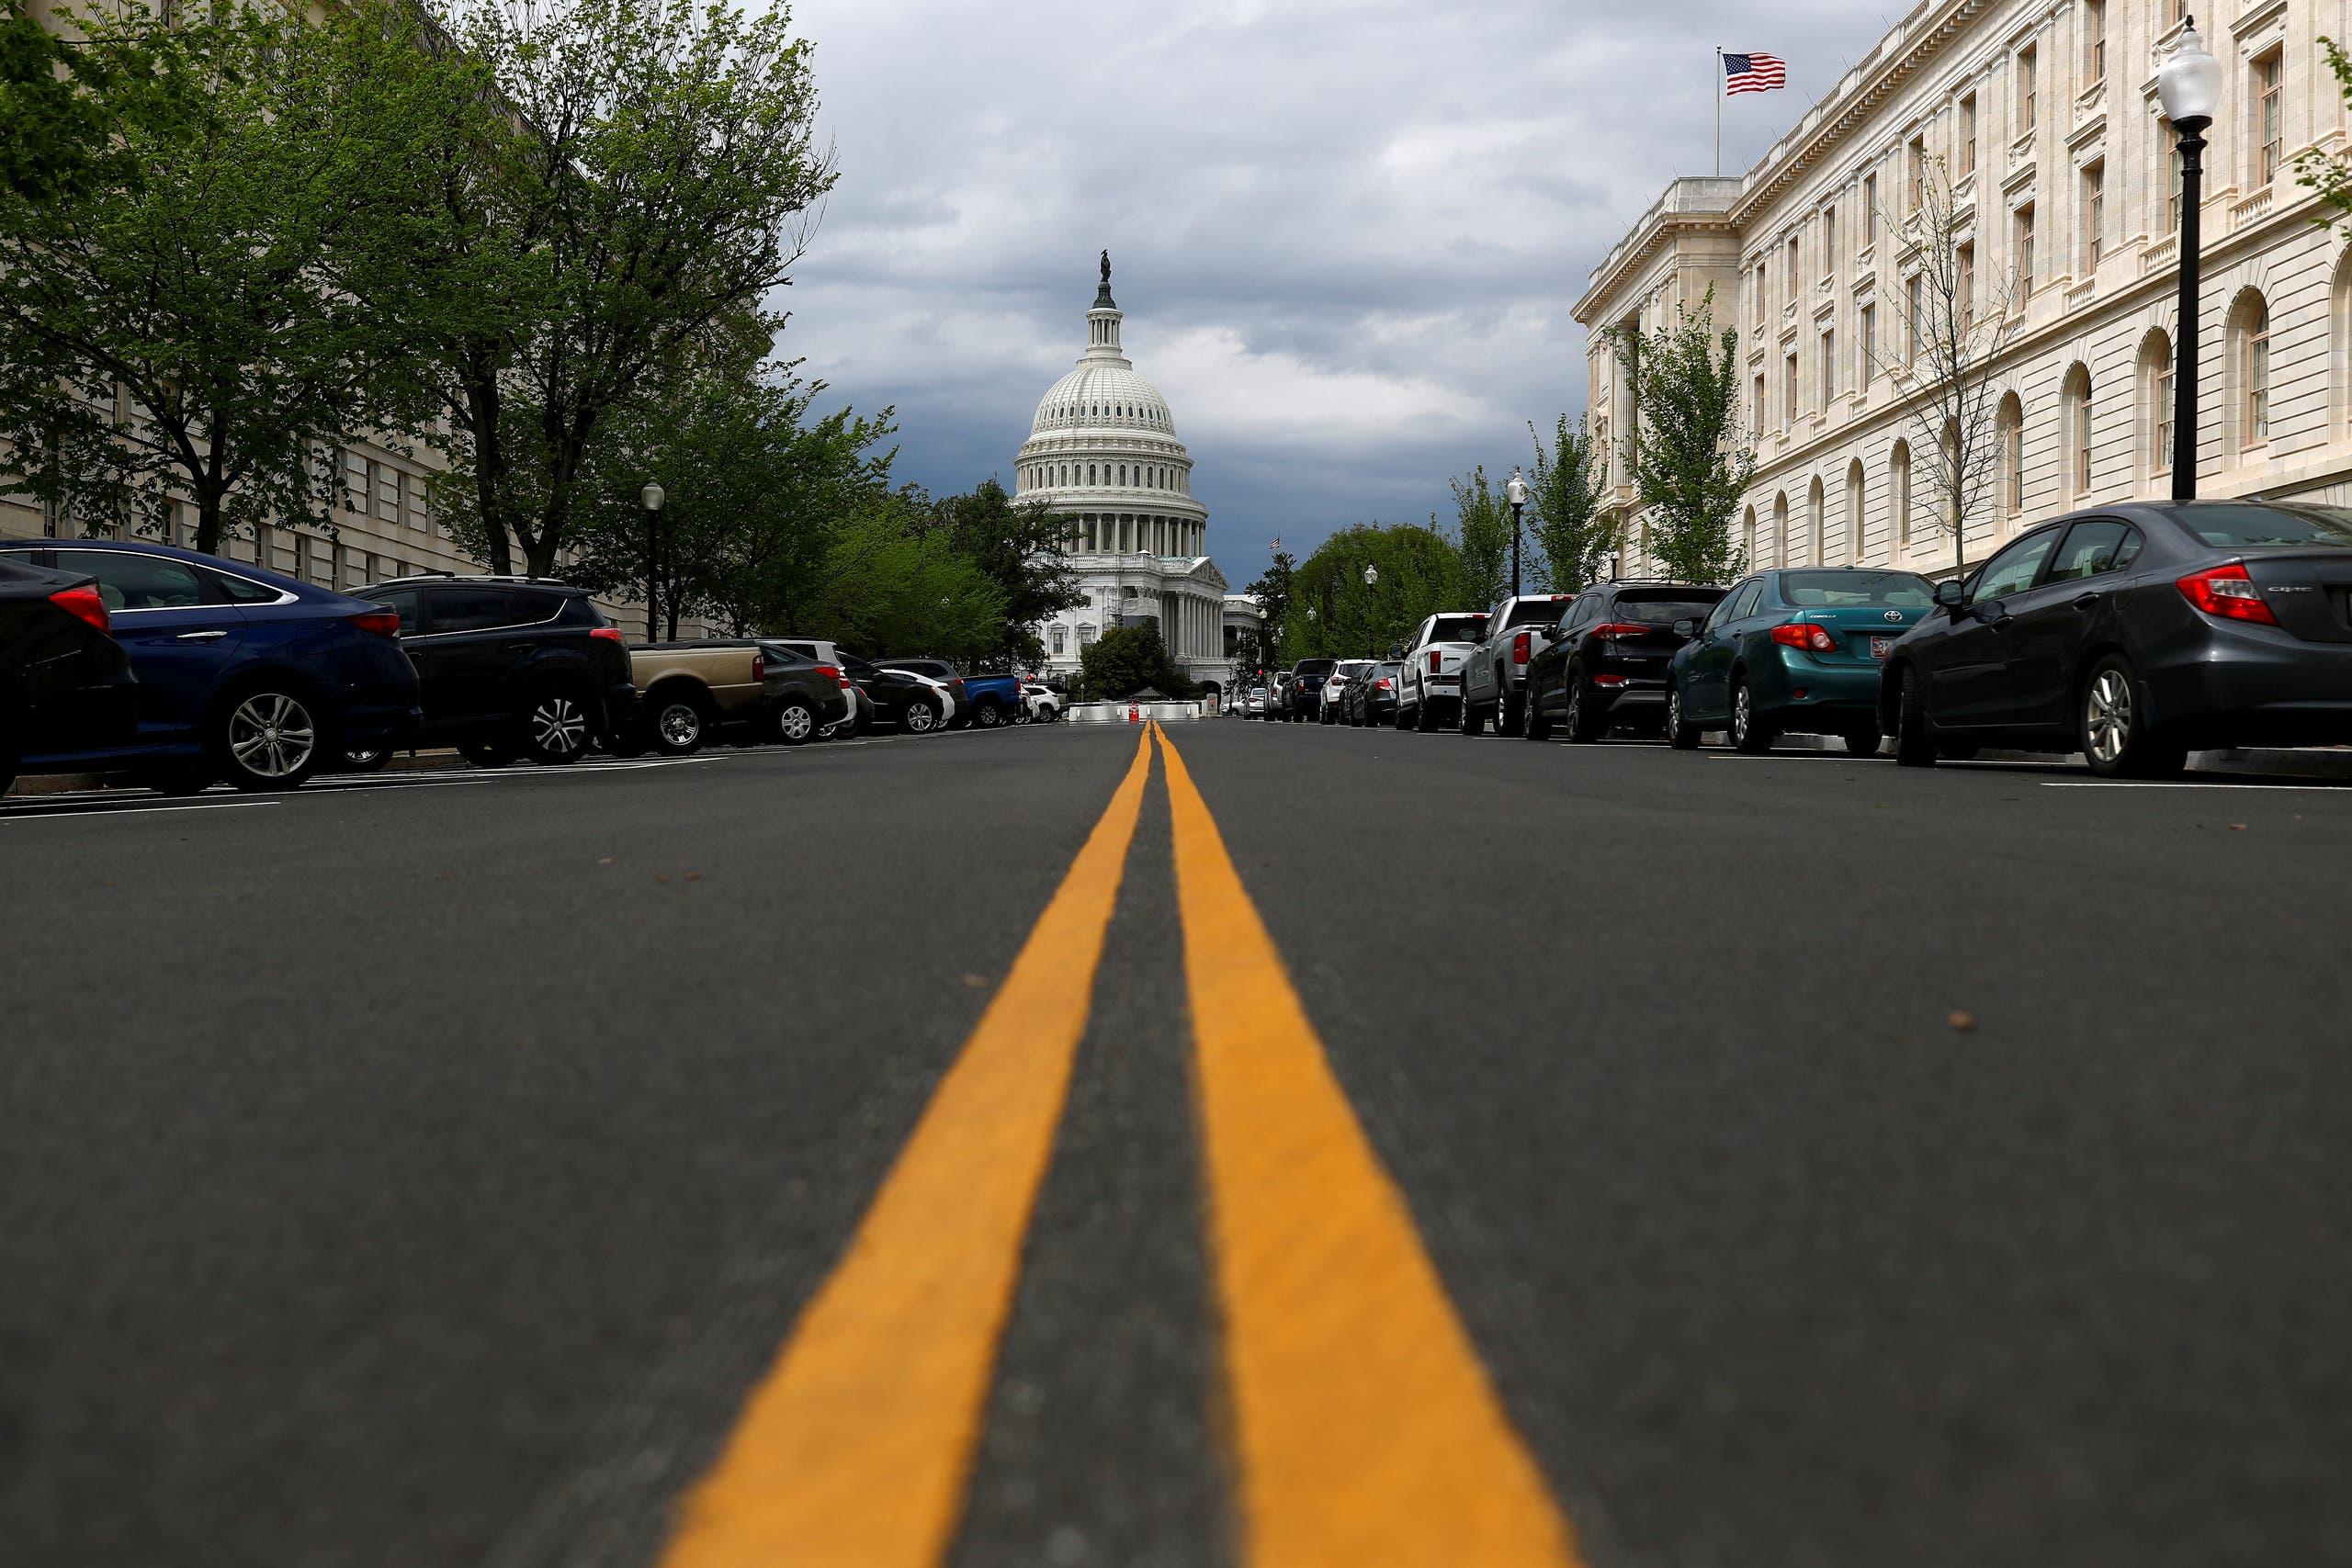 الكونغرس أقر بصعوبة خطة تحفيز بتريليوني دولار